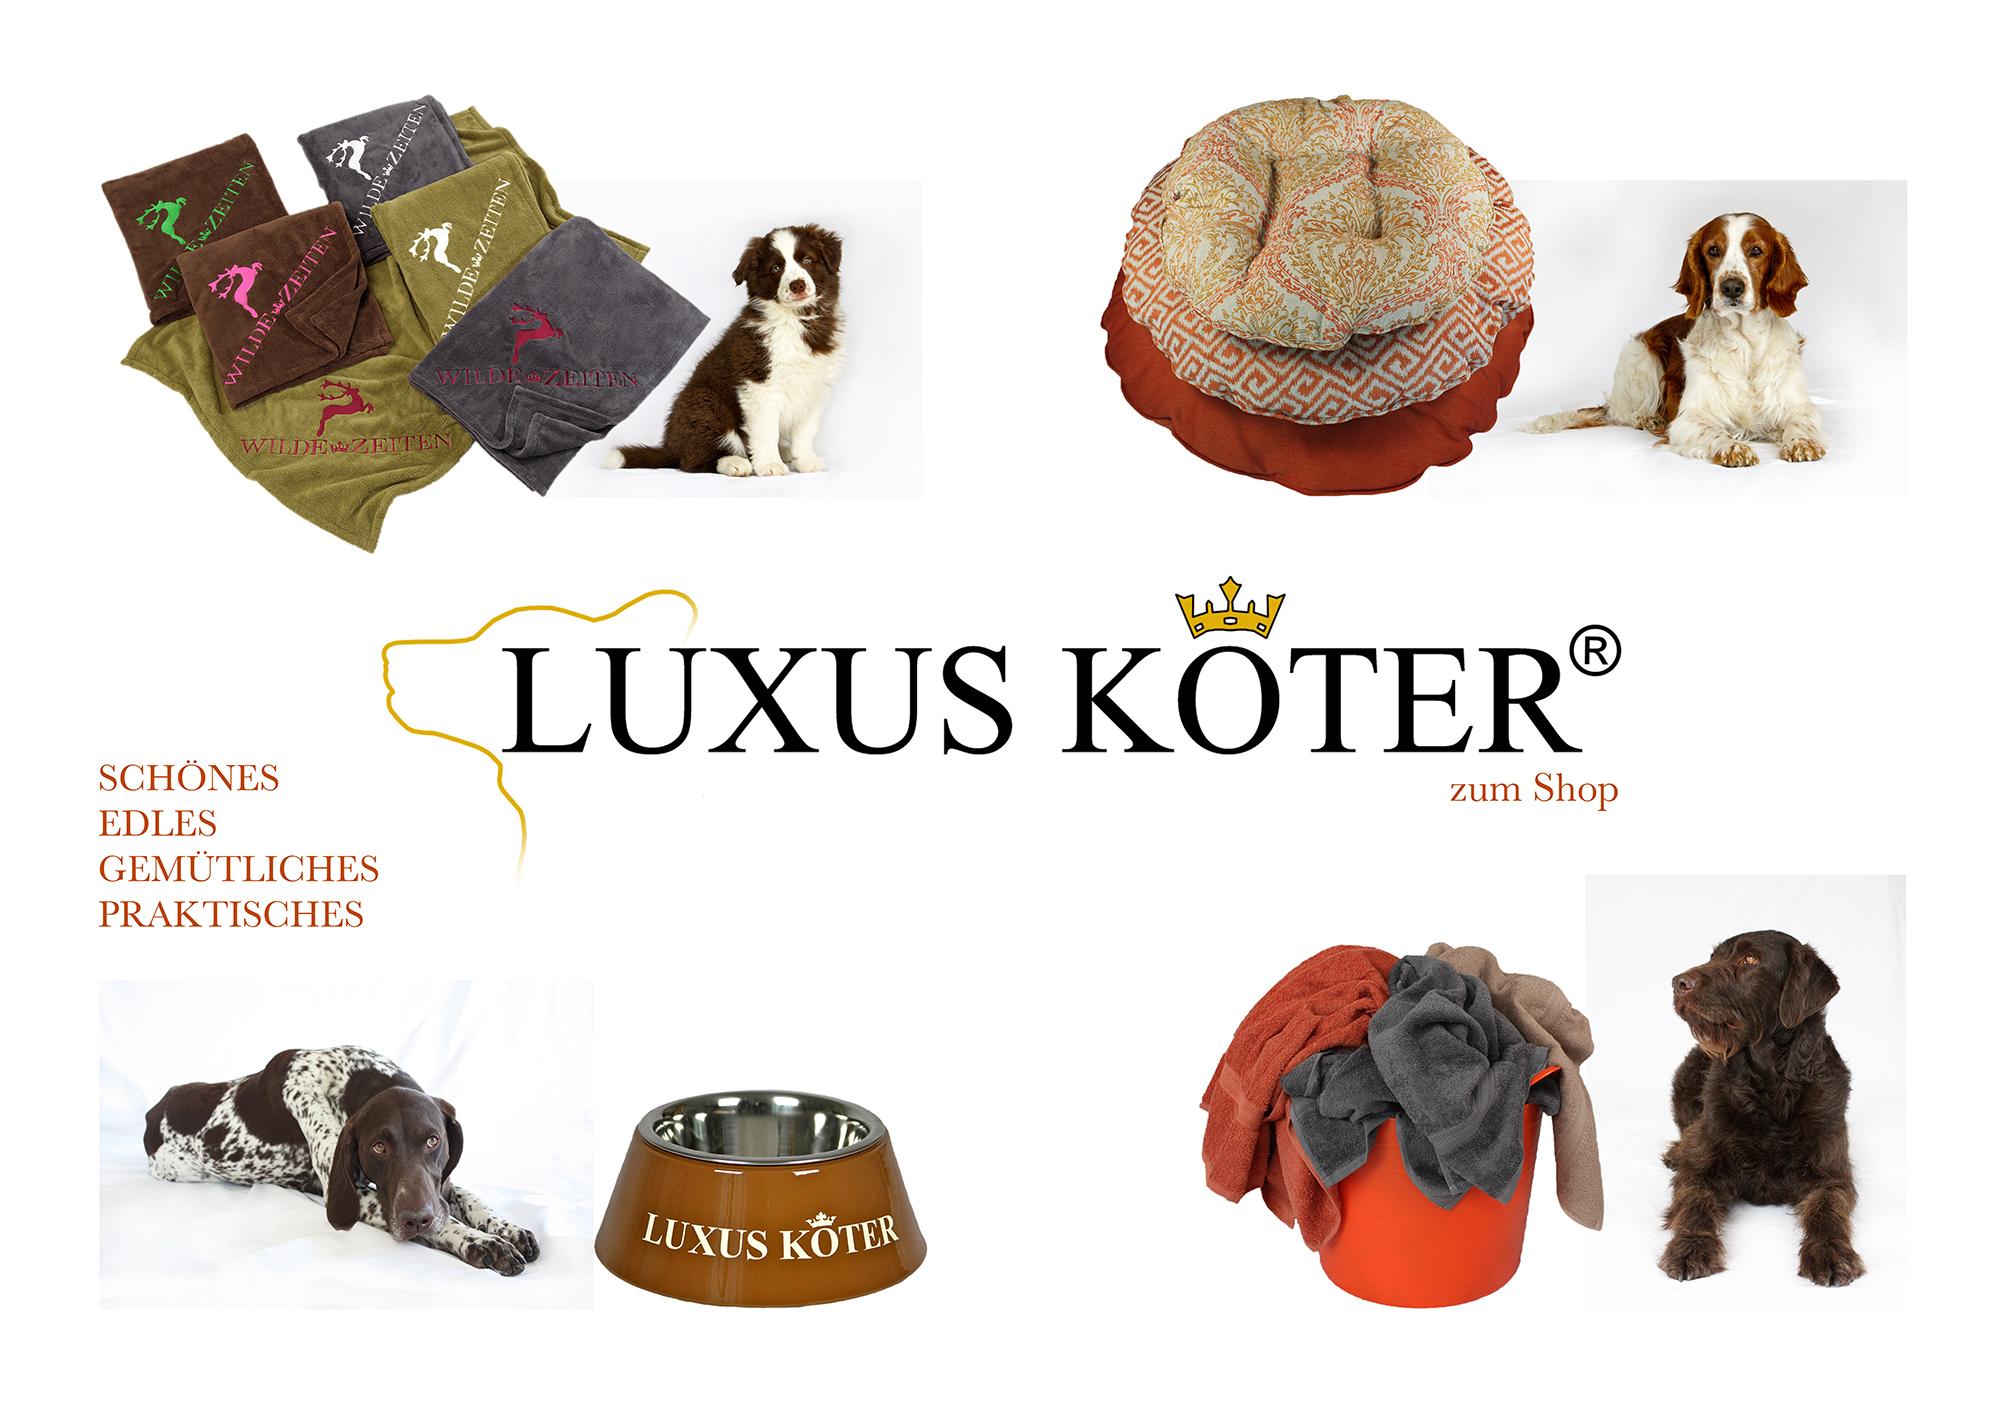 Luxuskoetereu Im Internetshop Von Luxus Köter Einem Shop Für